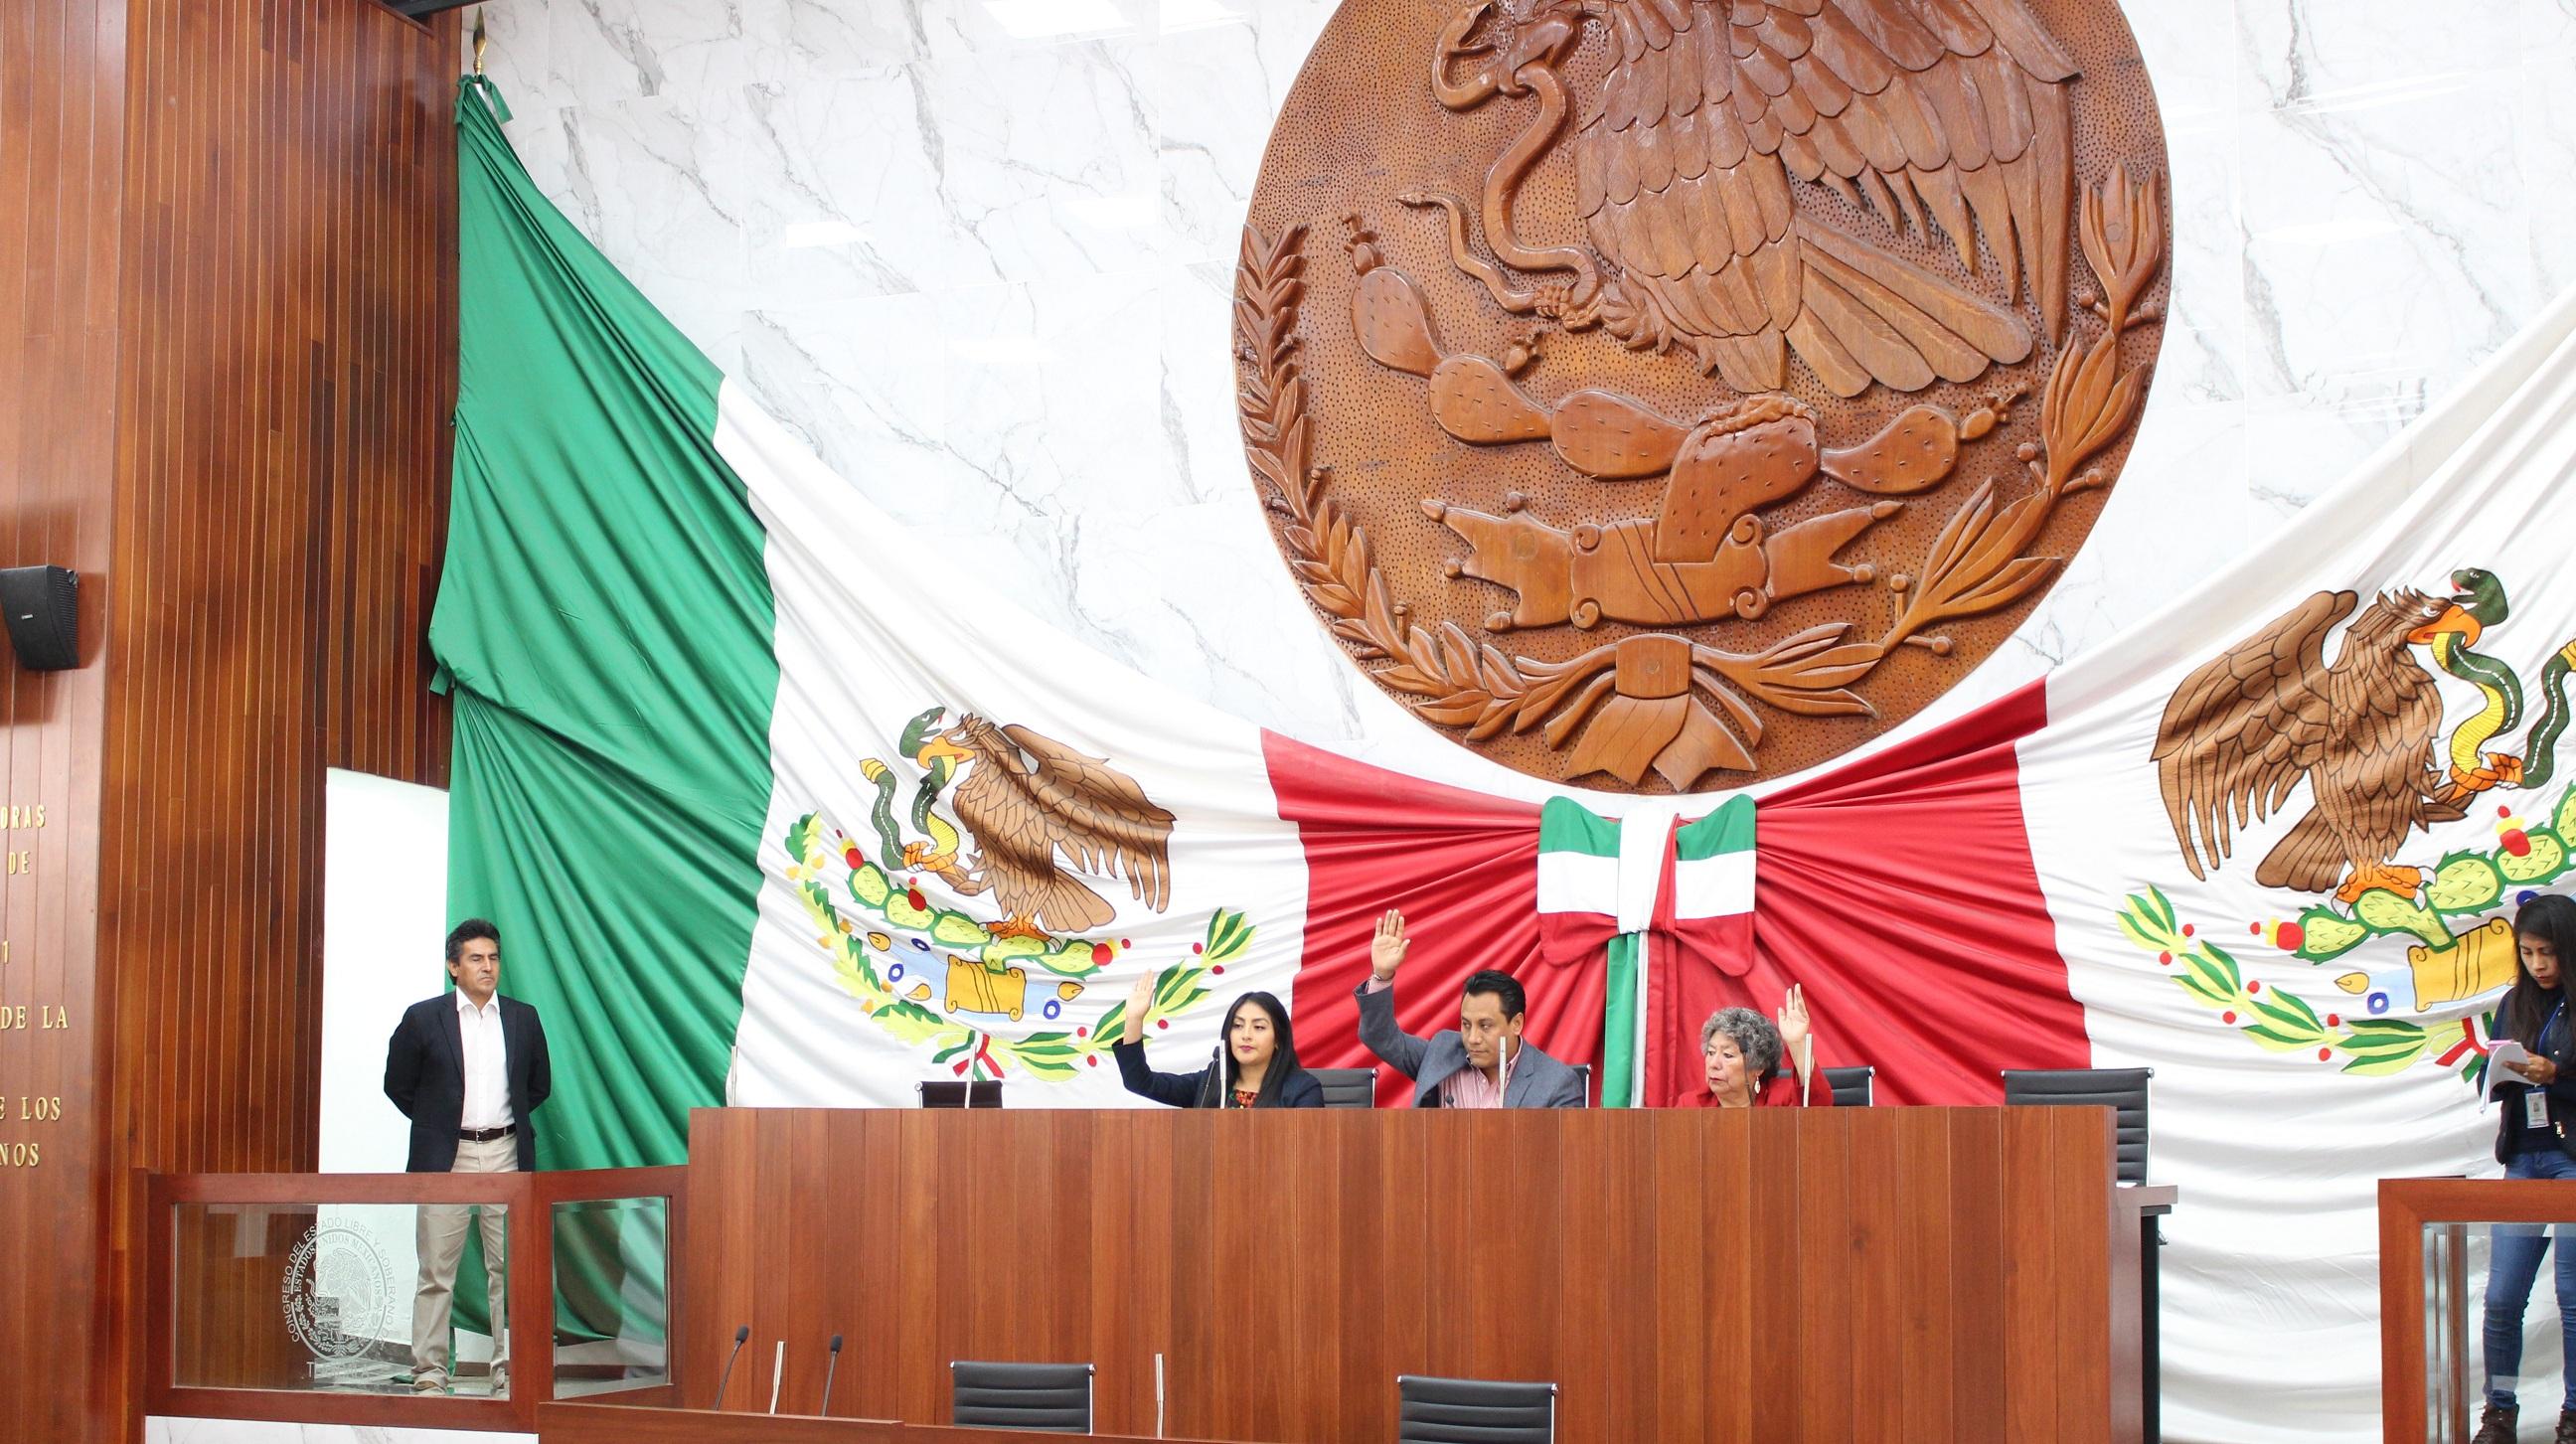 Presentan proyecto de decreto para crear la Ley de Responsabilidad Ambiental para el Estado de Tlaxcala